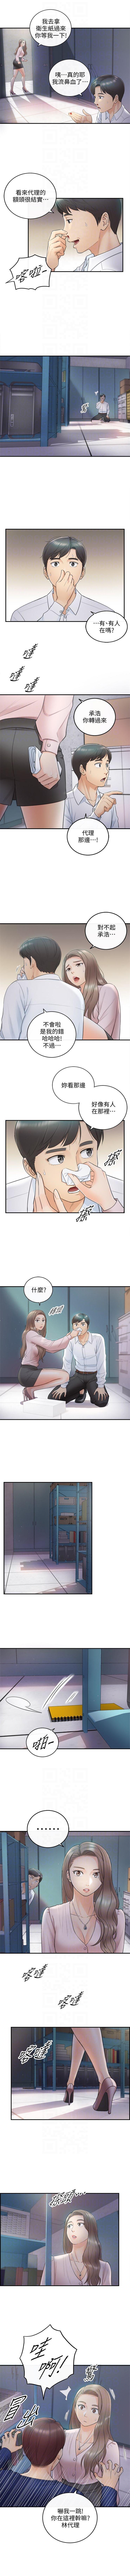 (週5)正妹小主管 1-39 中文翻譯(更新中) 72